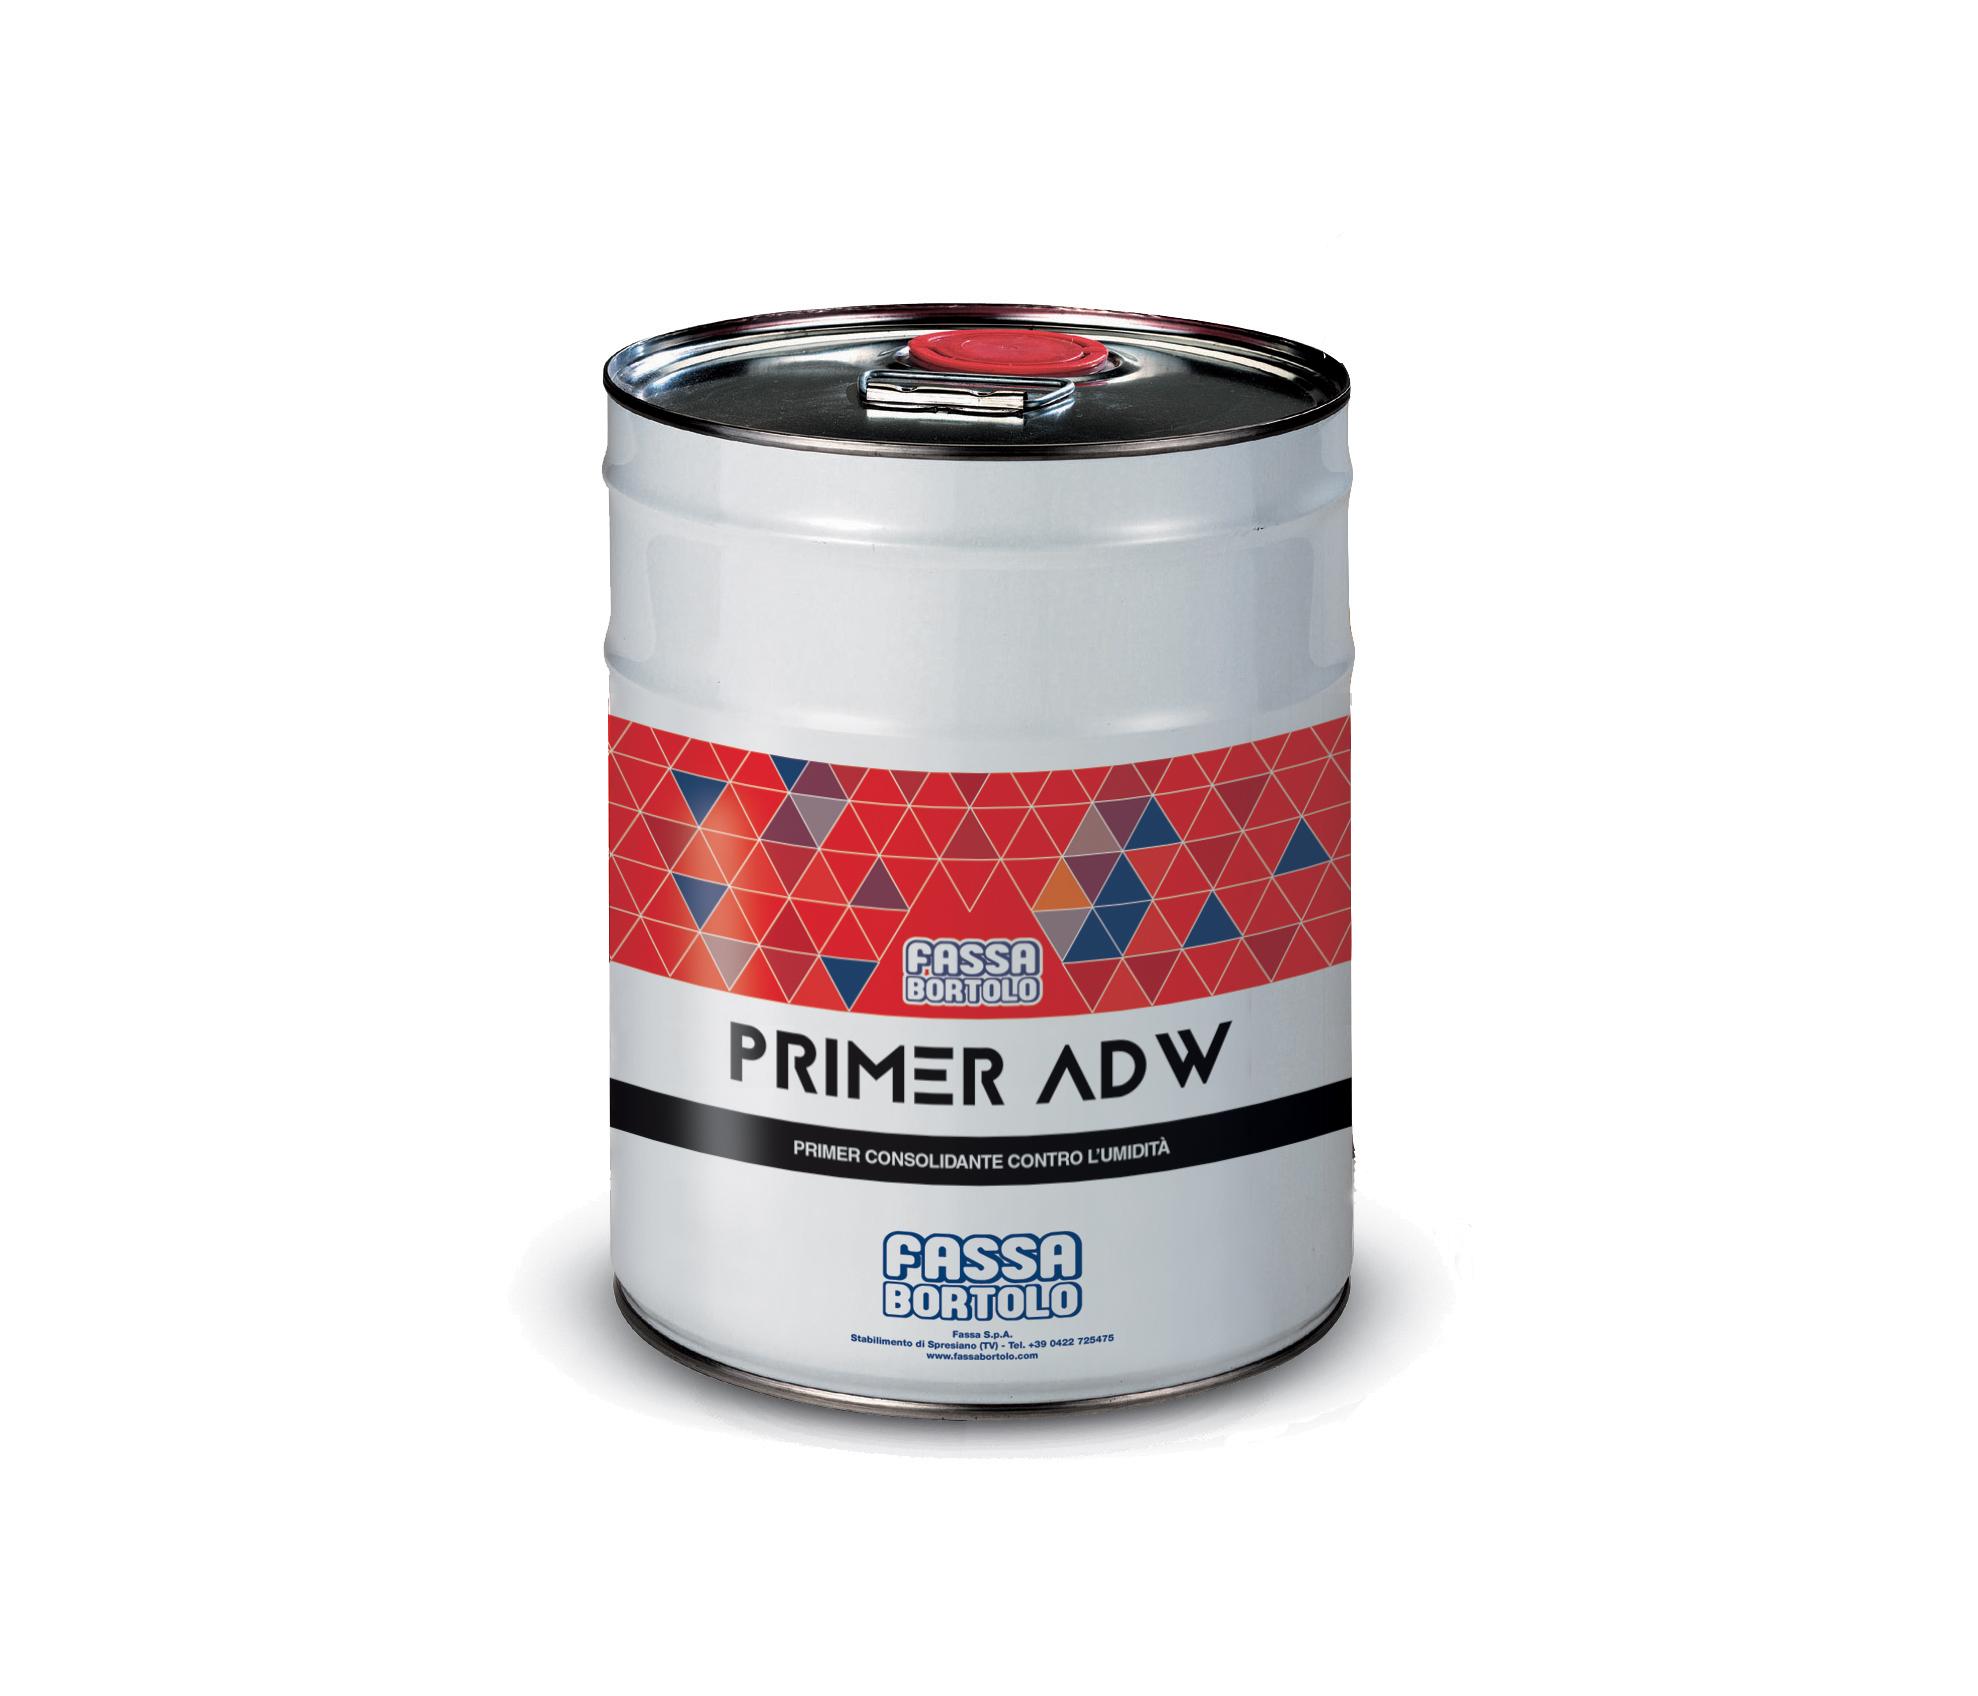 PRIMER ADW: Primário consolidante e impermeabilizante de poliuretano para betonilhas